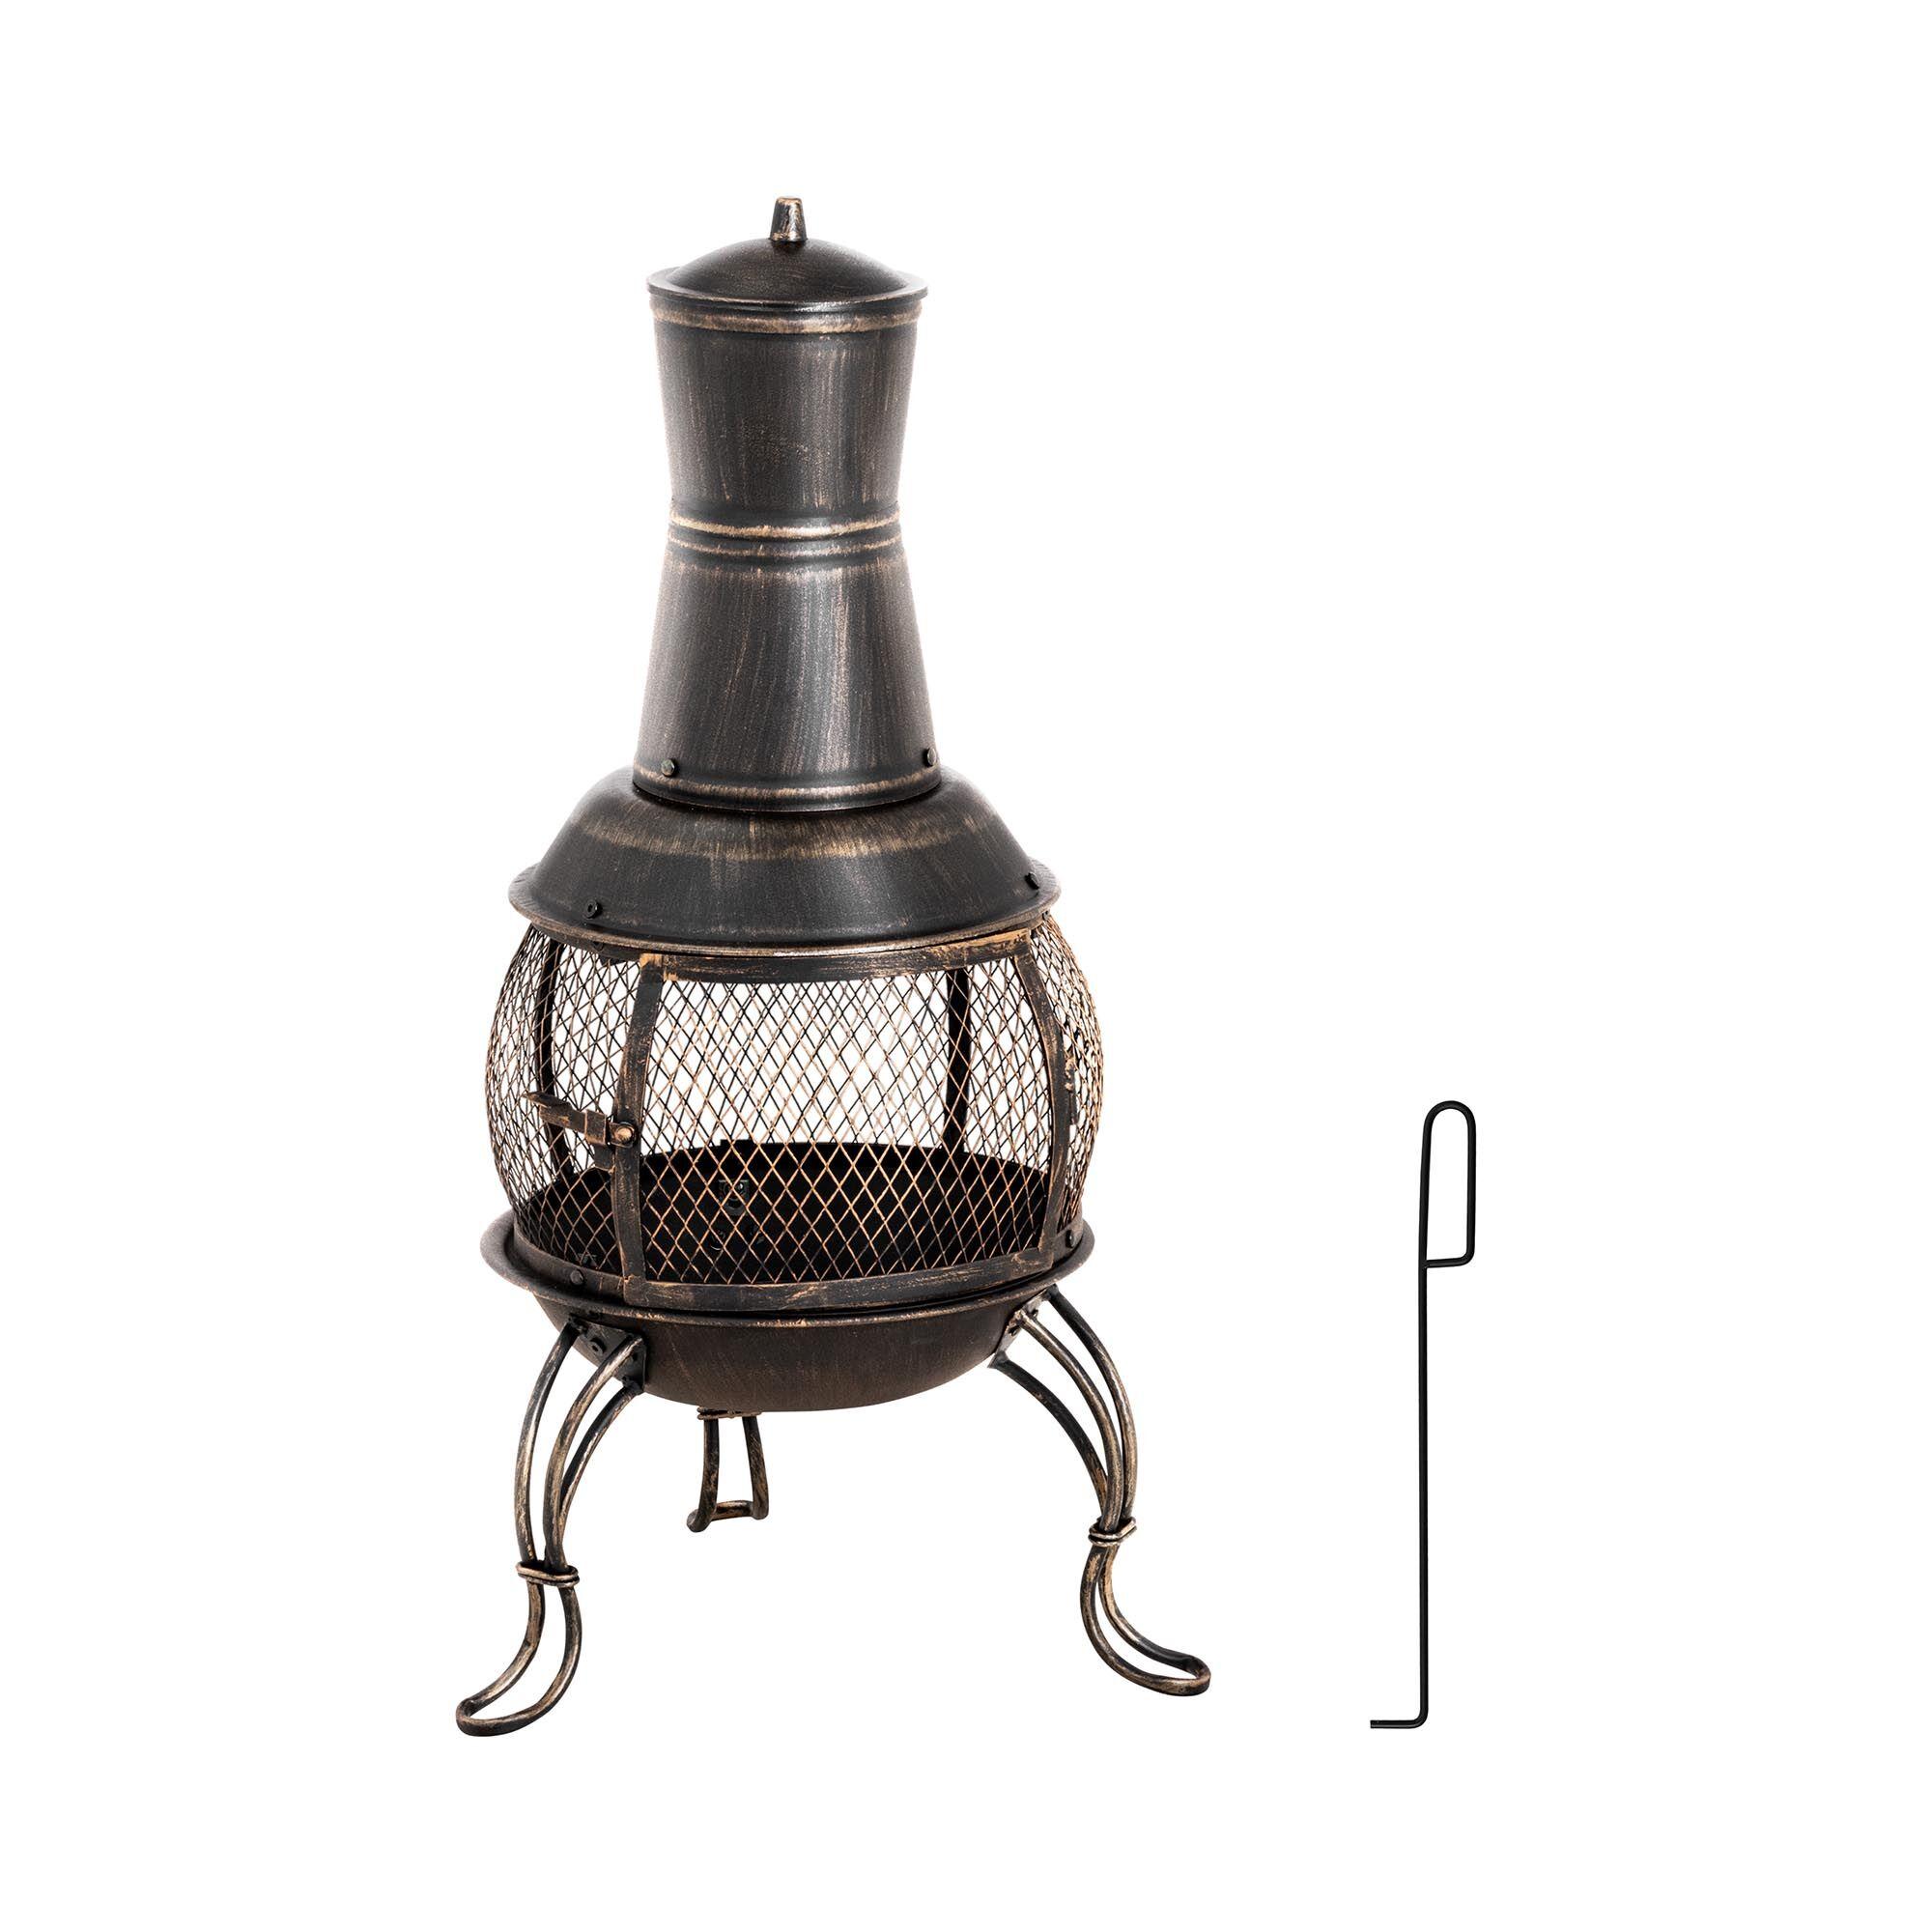 uniprodo stufa a legna da esterno in acciaio - 90 cm - 360° uni_g_chimney_06